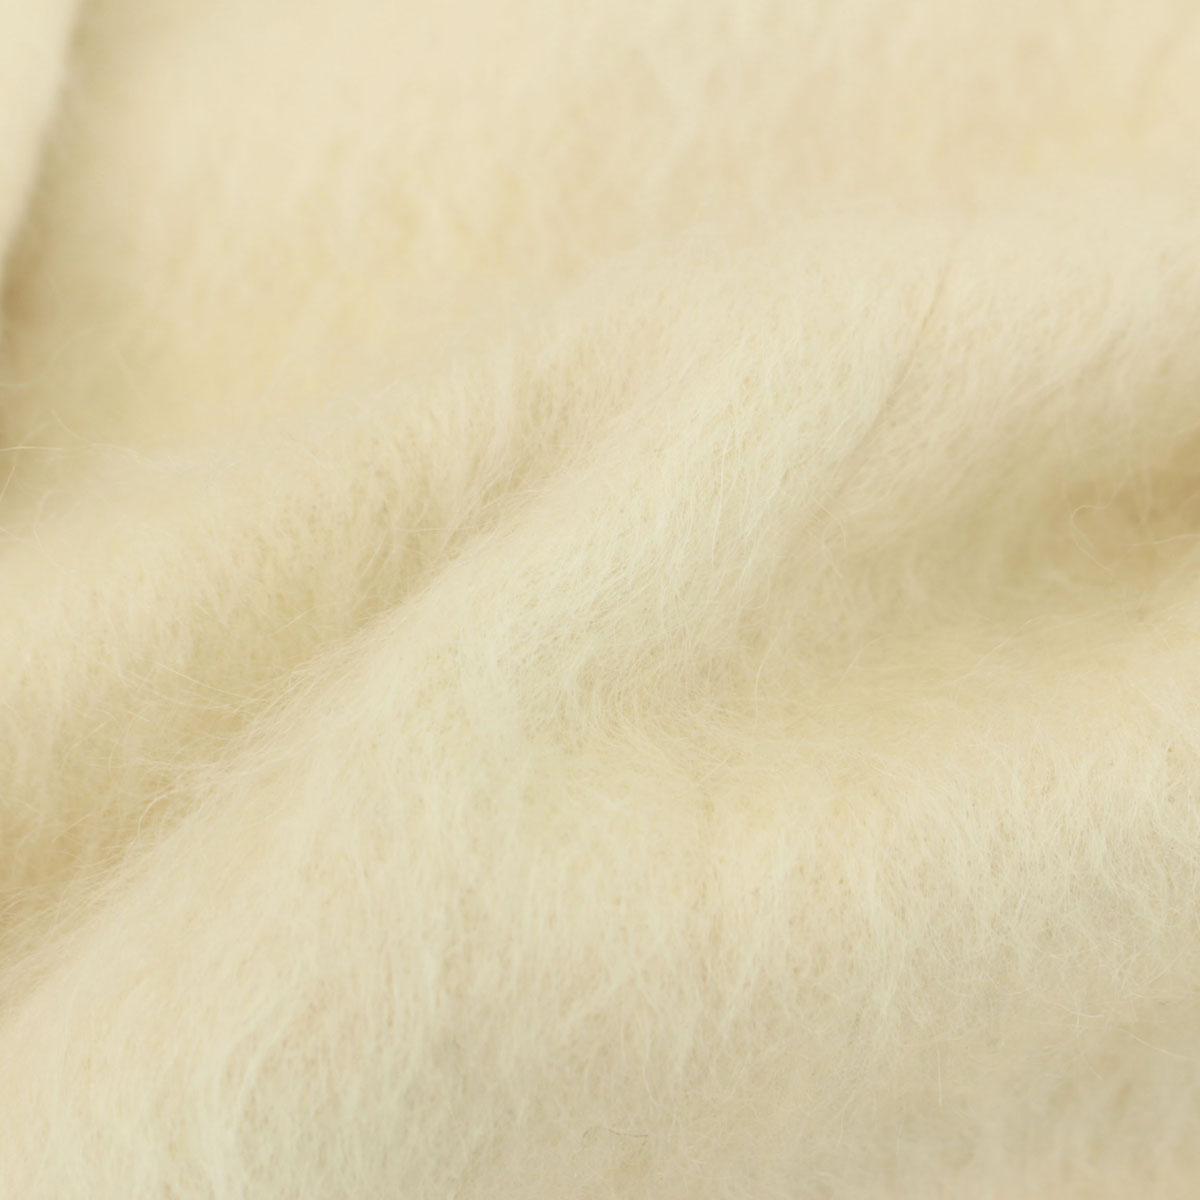 良好 BURBERRY バーバリーブルーレーベル モヘヤ混 シャギー系 コート サイズ38白 ホワイト 裏地チェック ファvN0Owmn8Py